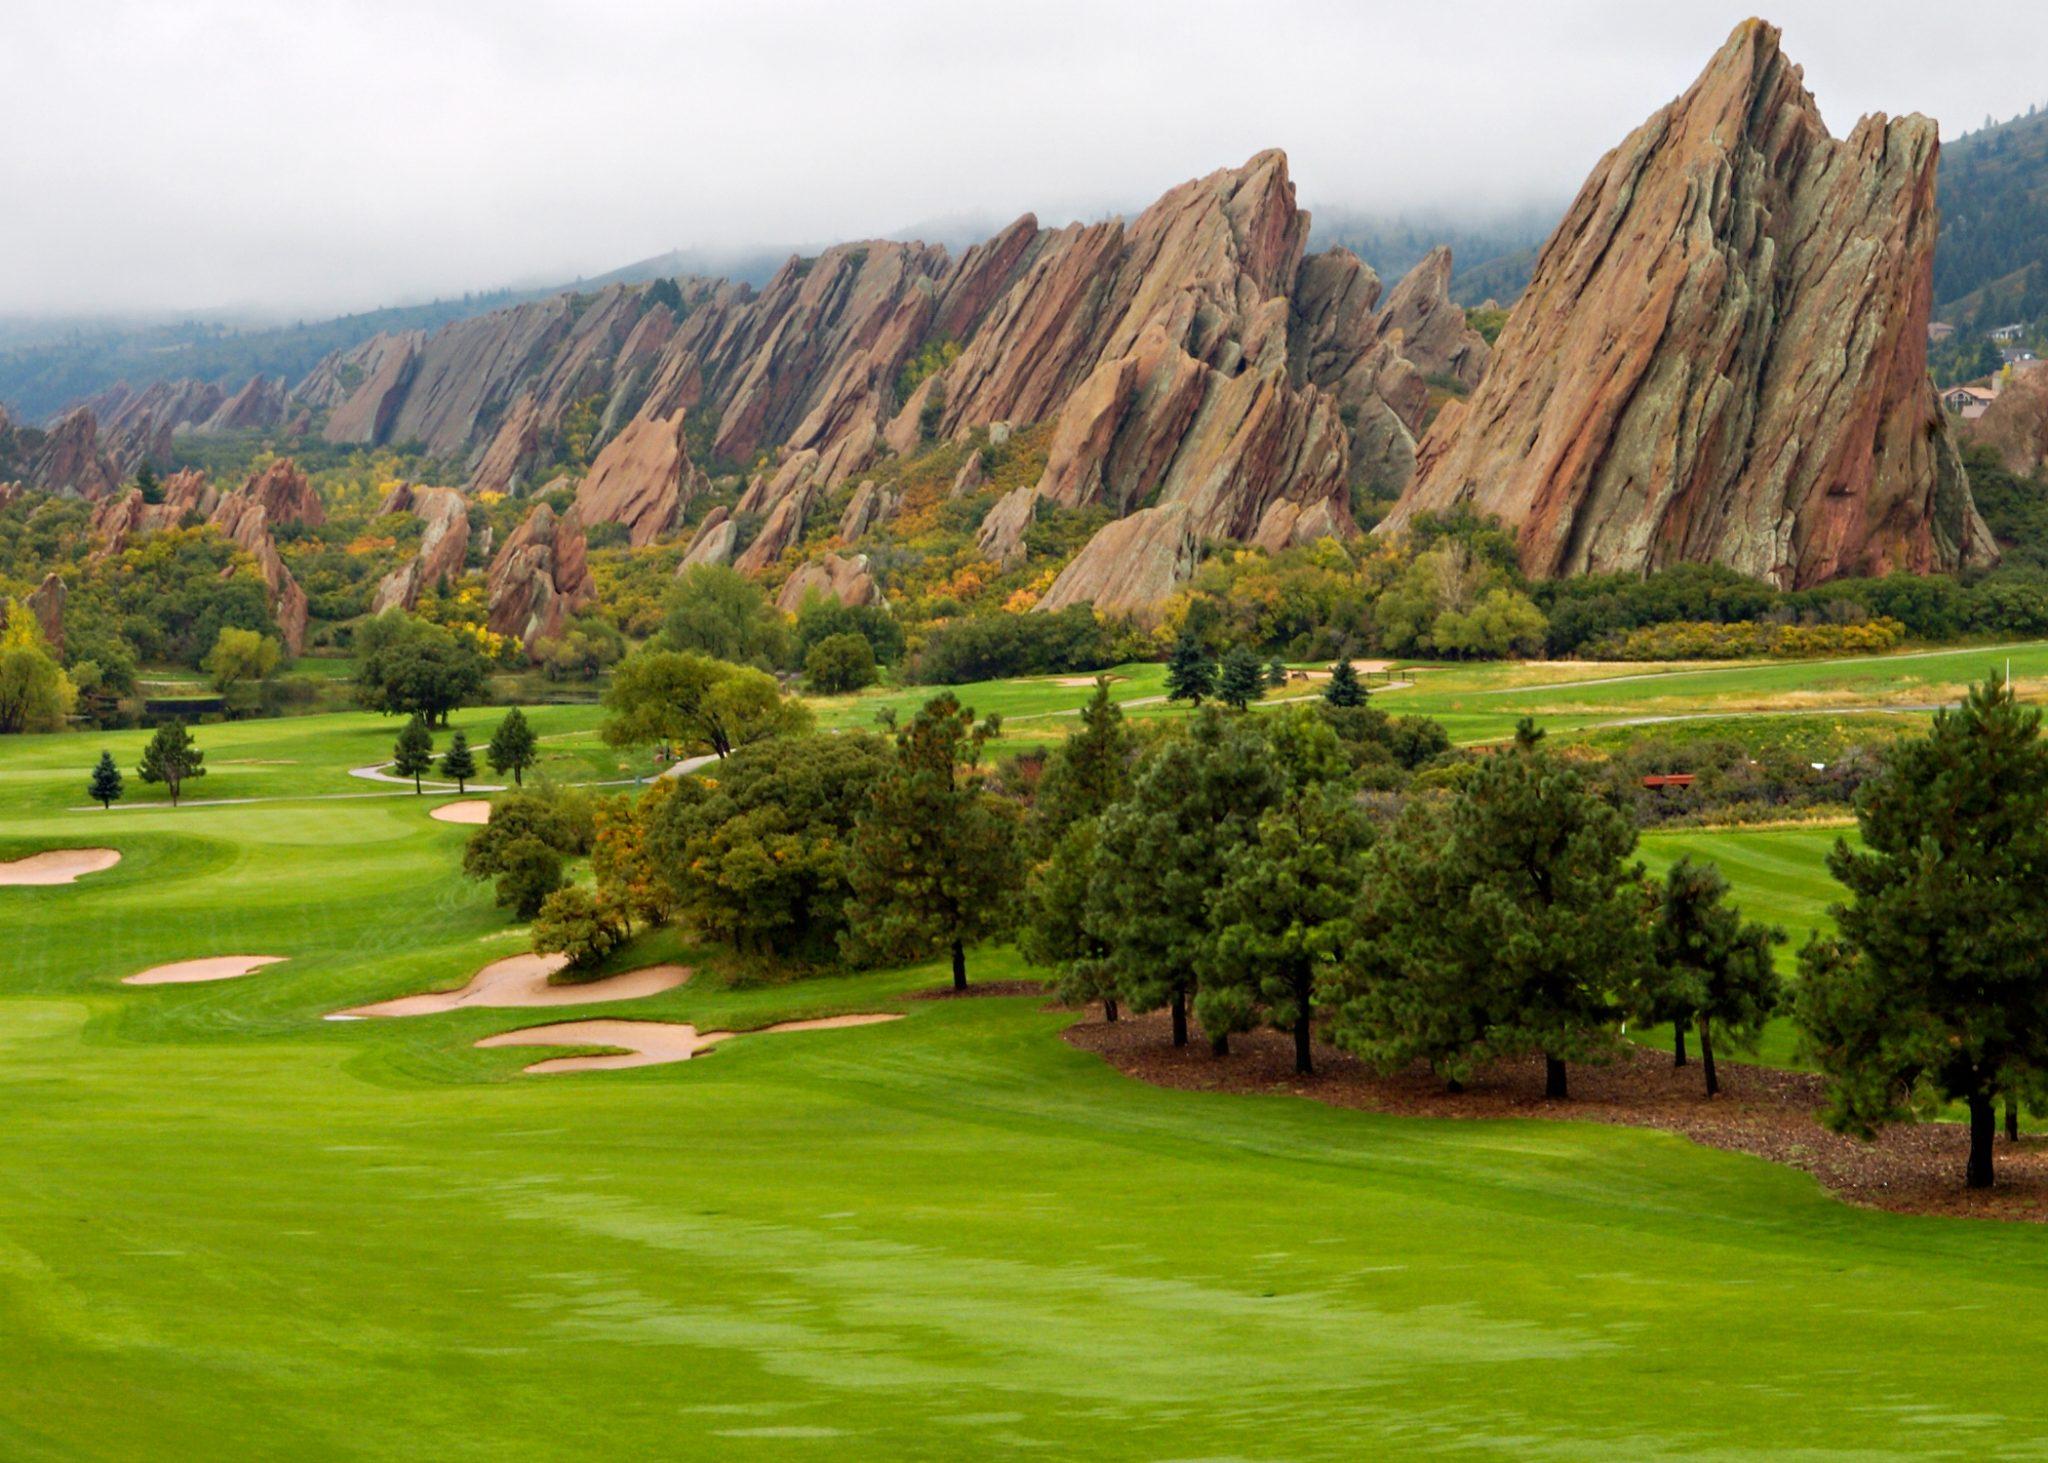 30+ Arrowhead springs golf course info